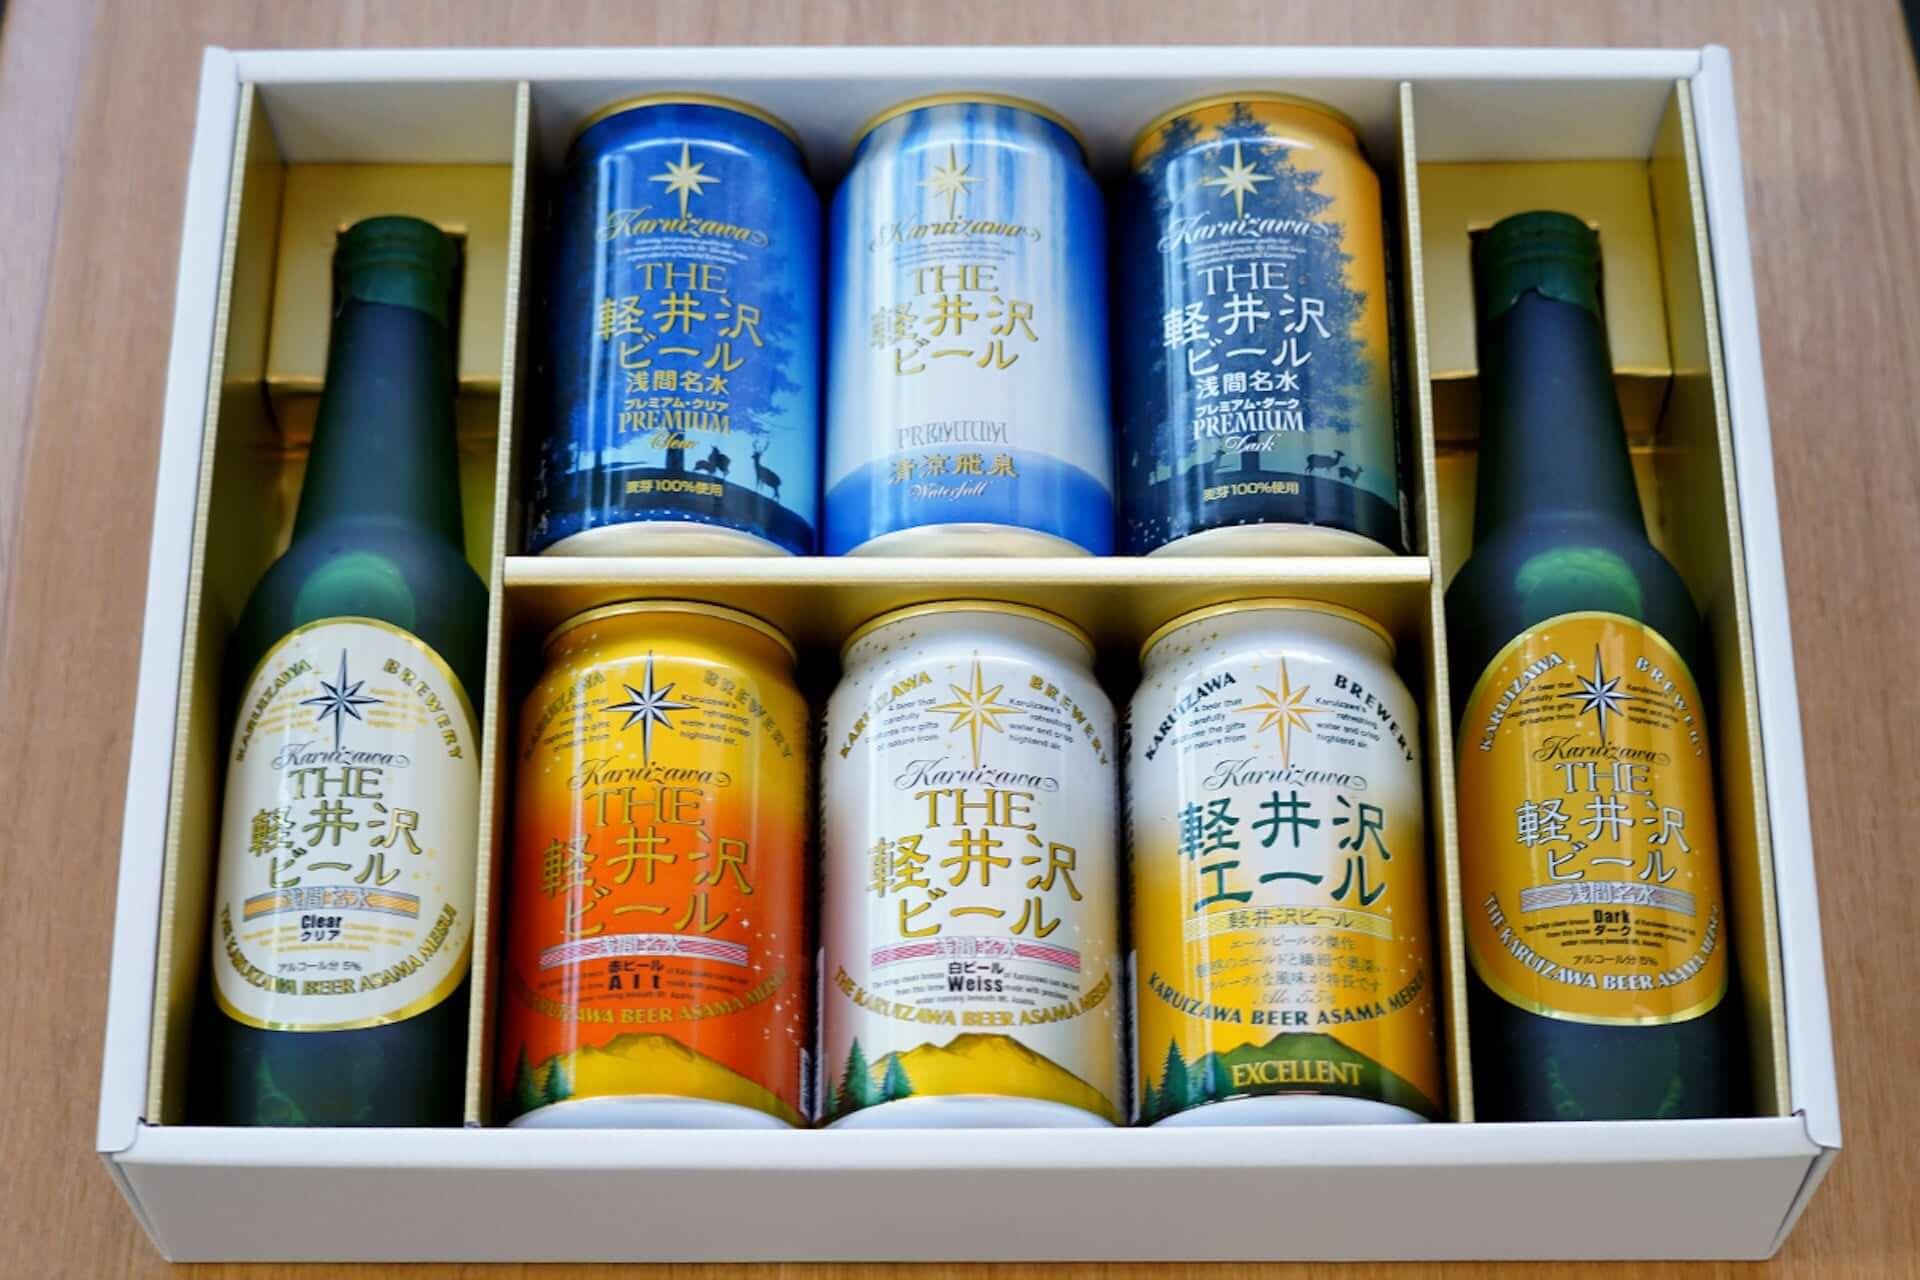 父の日限定の地ビール・クラフトビール8本飲み比べセットが登場!感謝のメッセージ付きギフトボックス gourmet200611_karuizawabeer_03-1920x1280